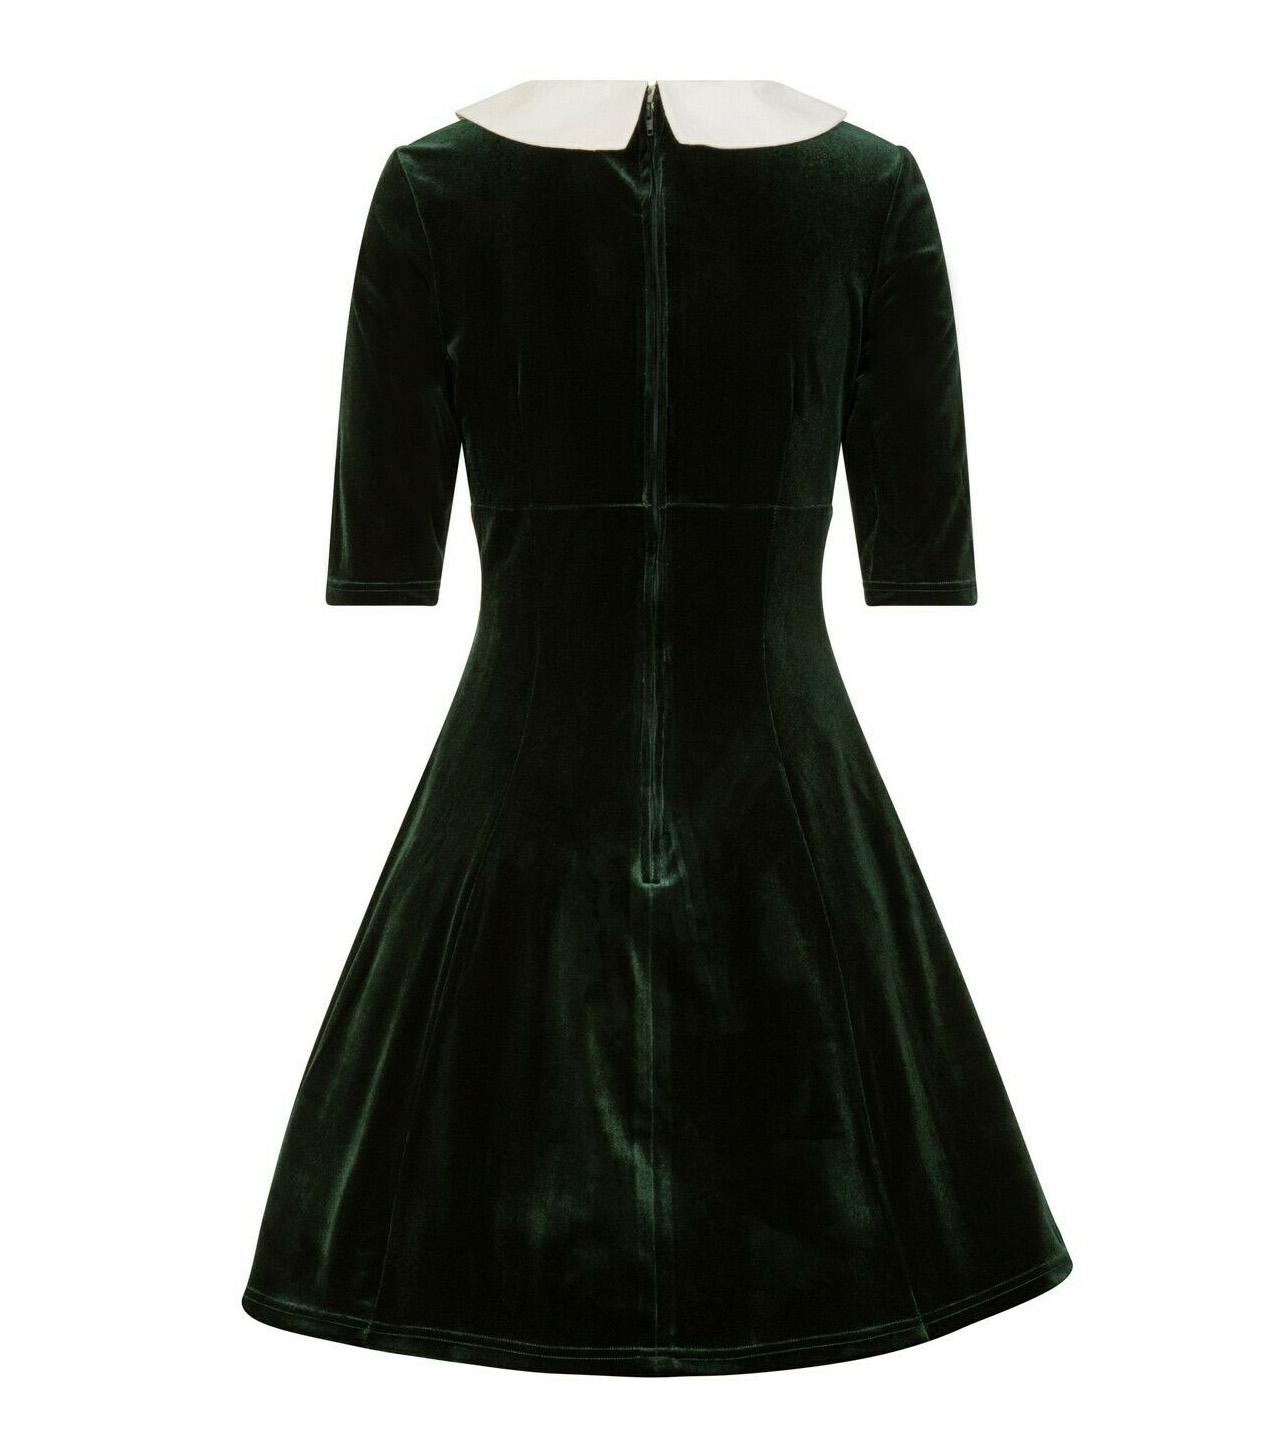 Hell-Bunny-Mini-Skater-Dress-Festive-Christmas-NICOLA-Green-Velvet-All-Sizes thumbnail 21